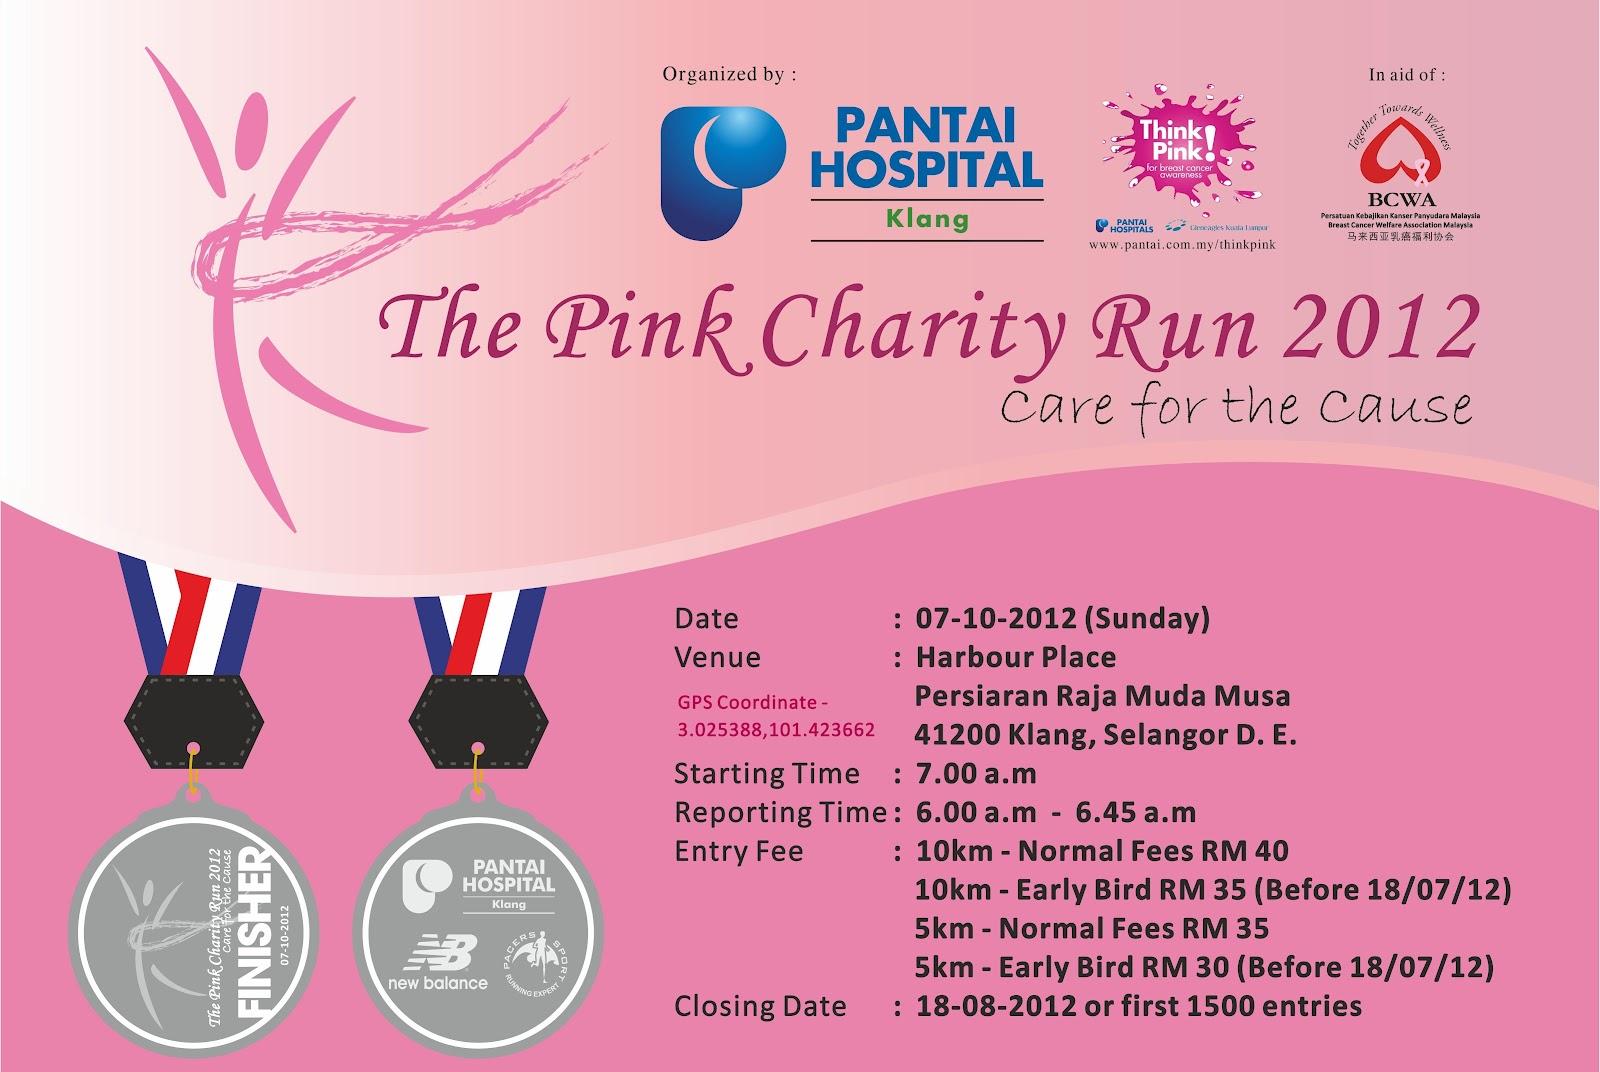 http://2.bp.blogspot.com/-KKCCSWWBmgM/T9YX6wrU28I/AAAAAAAACyQ/5l6azWT5l4M/s1600/Pink+Charity+Run+2012+-+Header.JPG